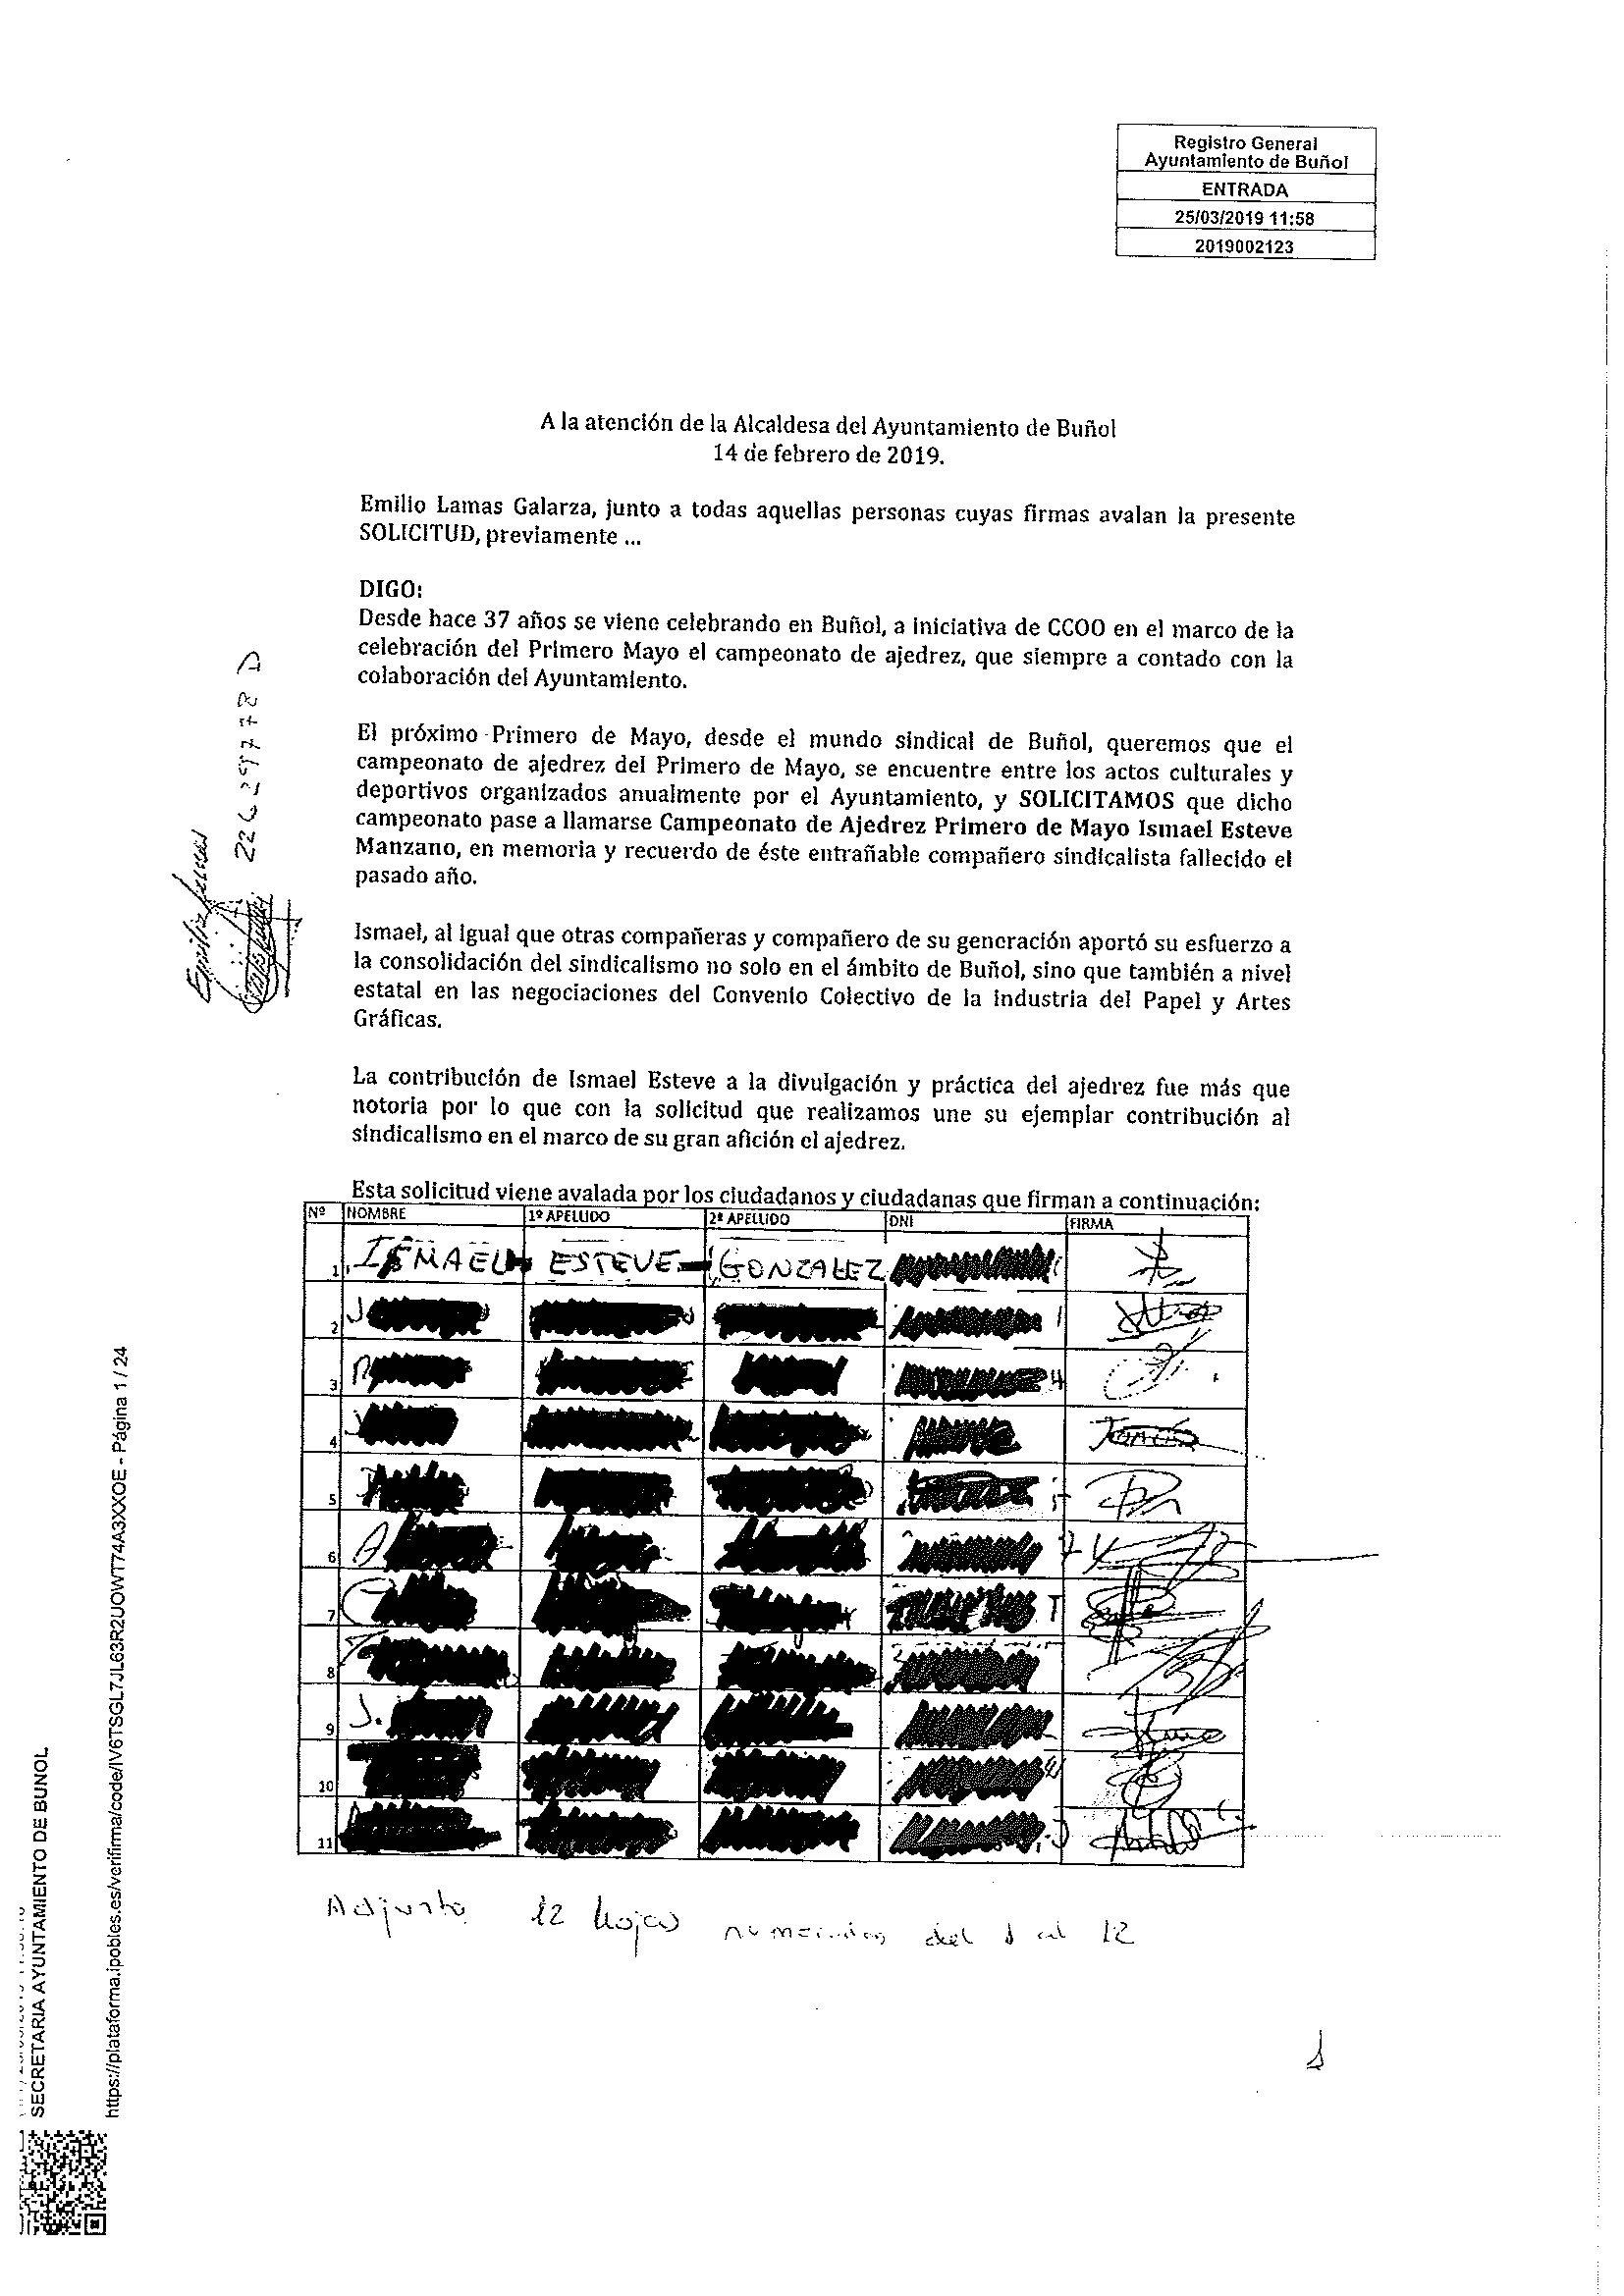 Primera página del pliego de firmas entregado por CCOO.